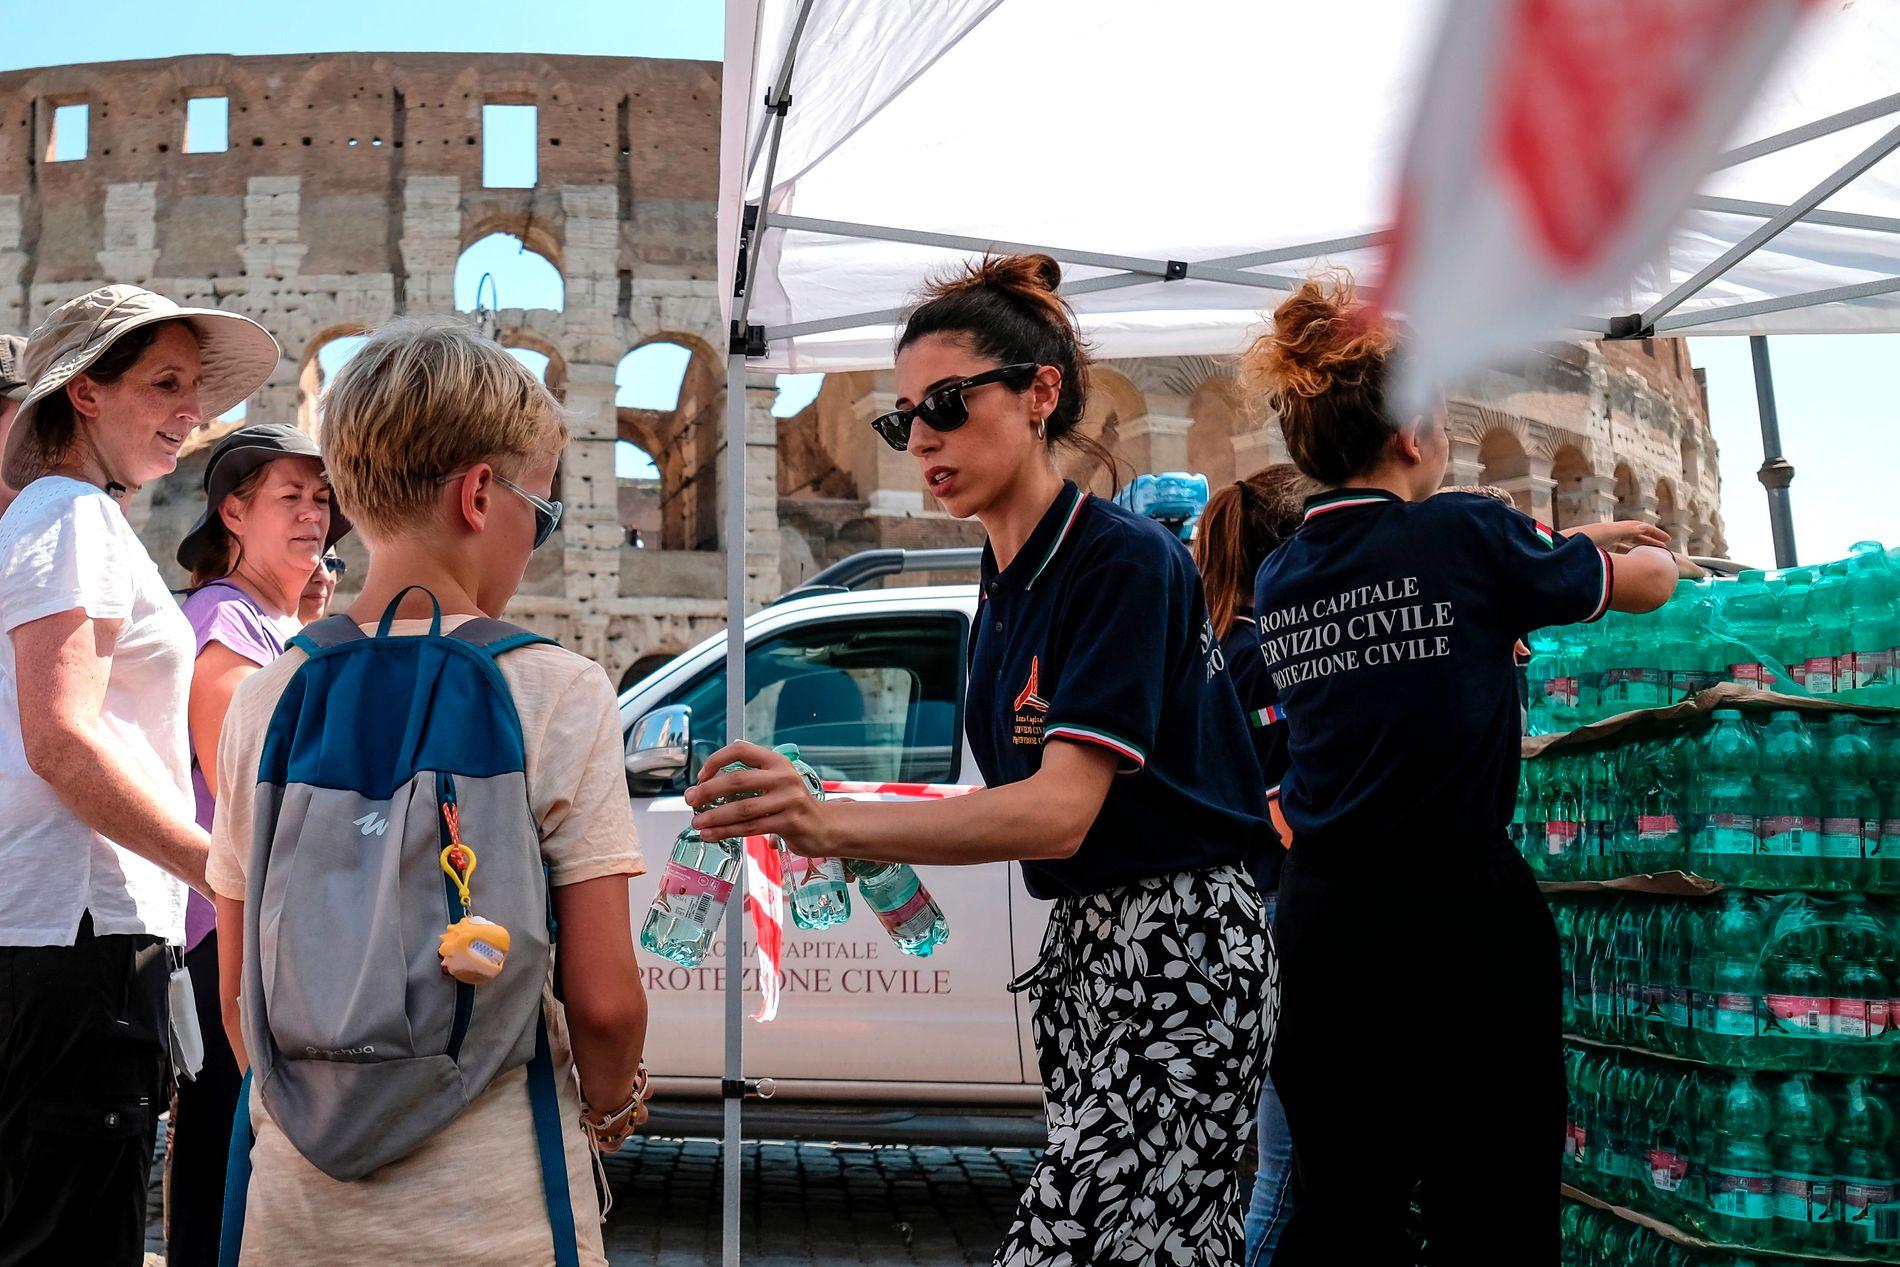 VANN TIL FOLKET: I Italia delte sivilforsvaret ut gratis vann til varme mennesker torsdag. Her fra landets hovedstad Roma.